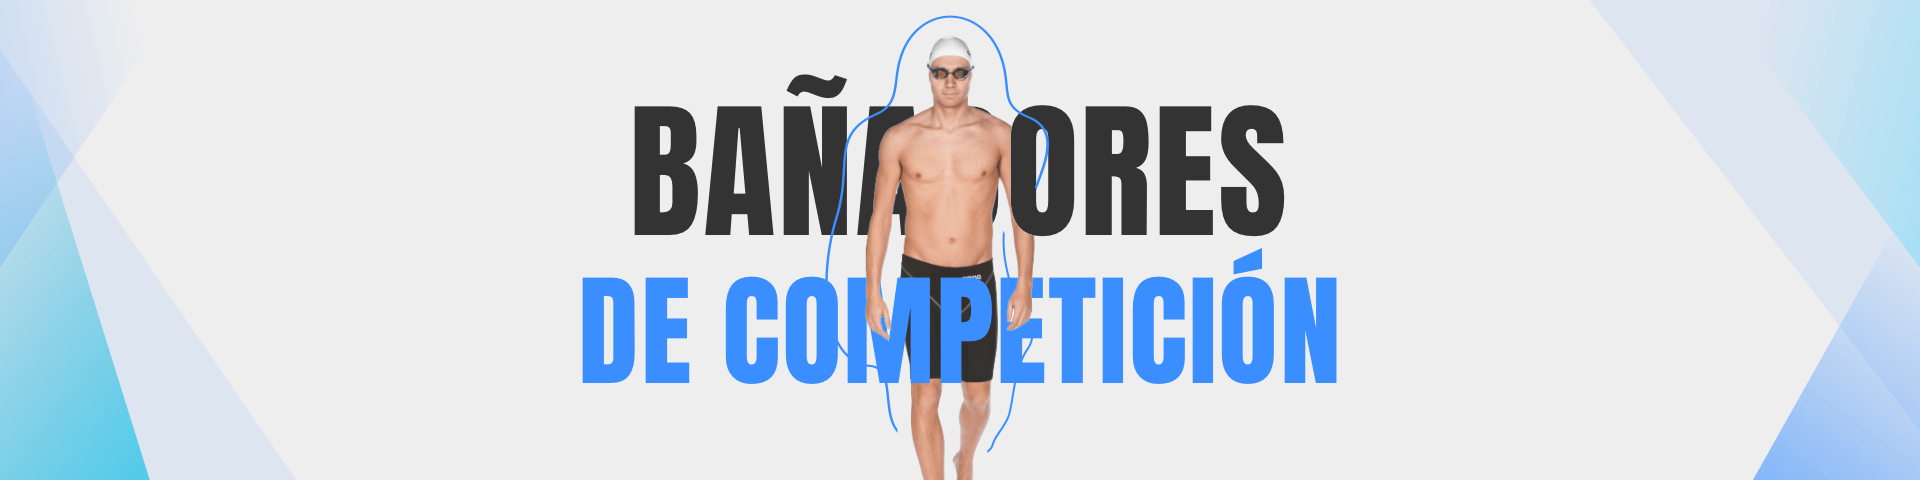 Bañadores de competición